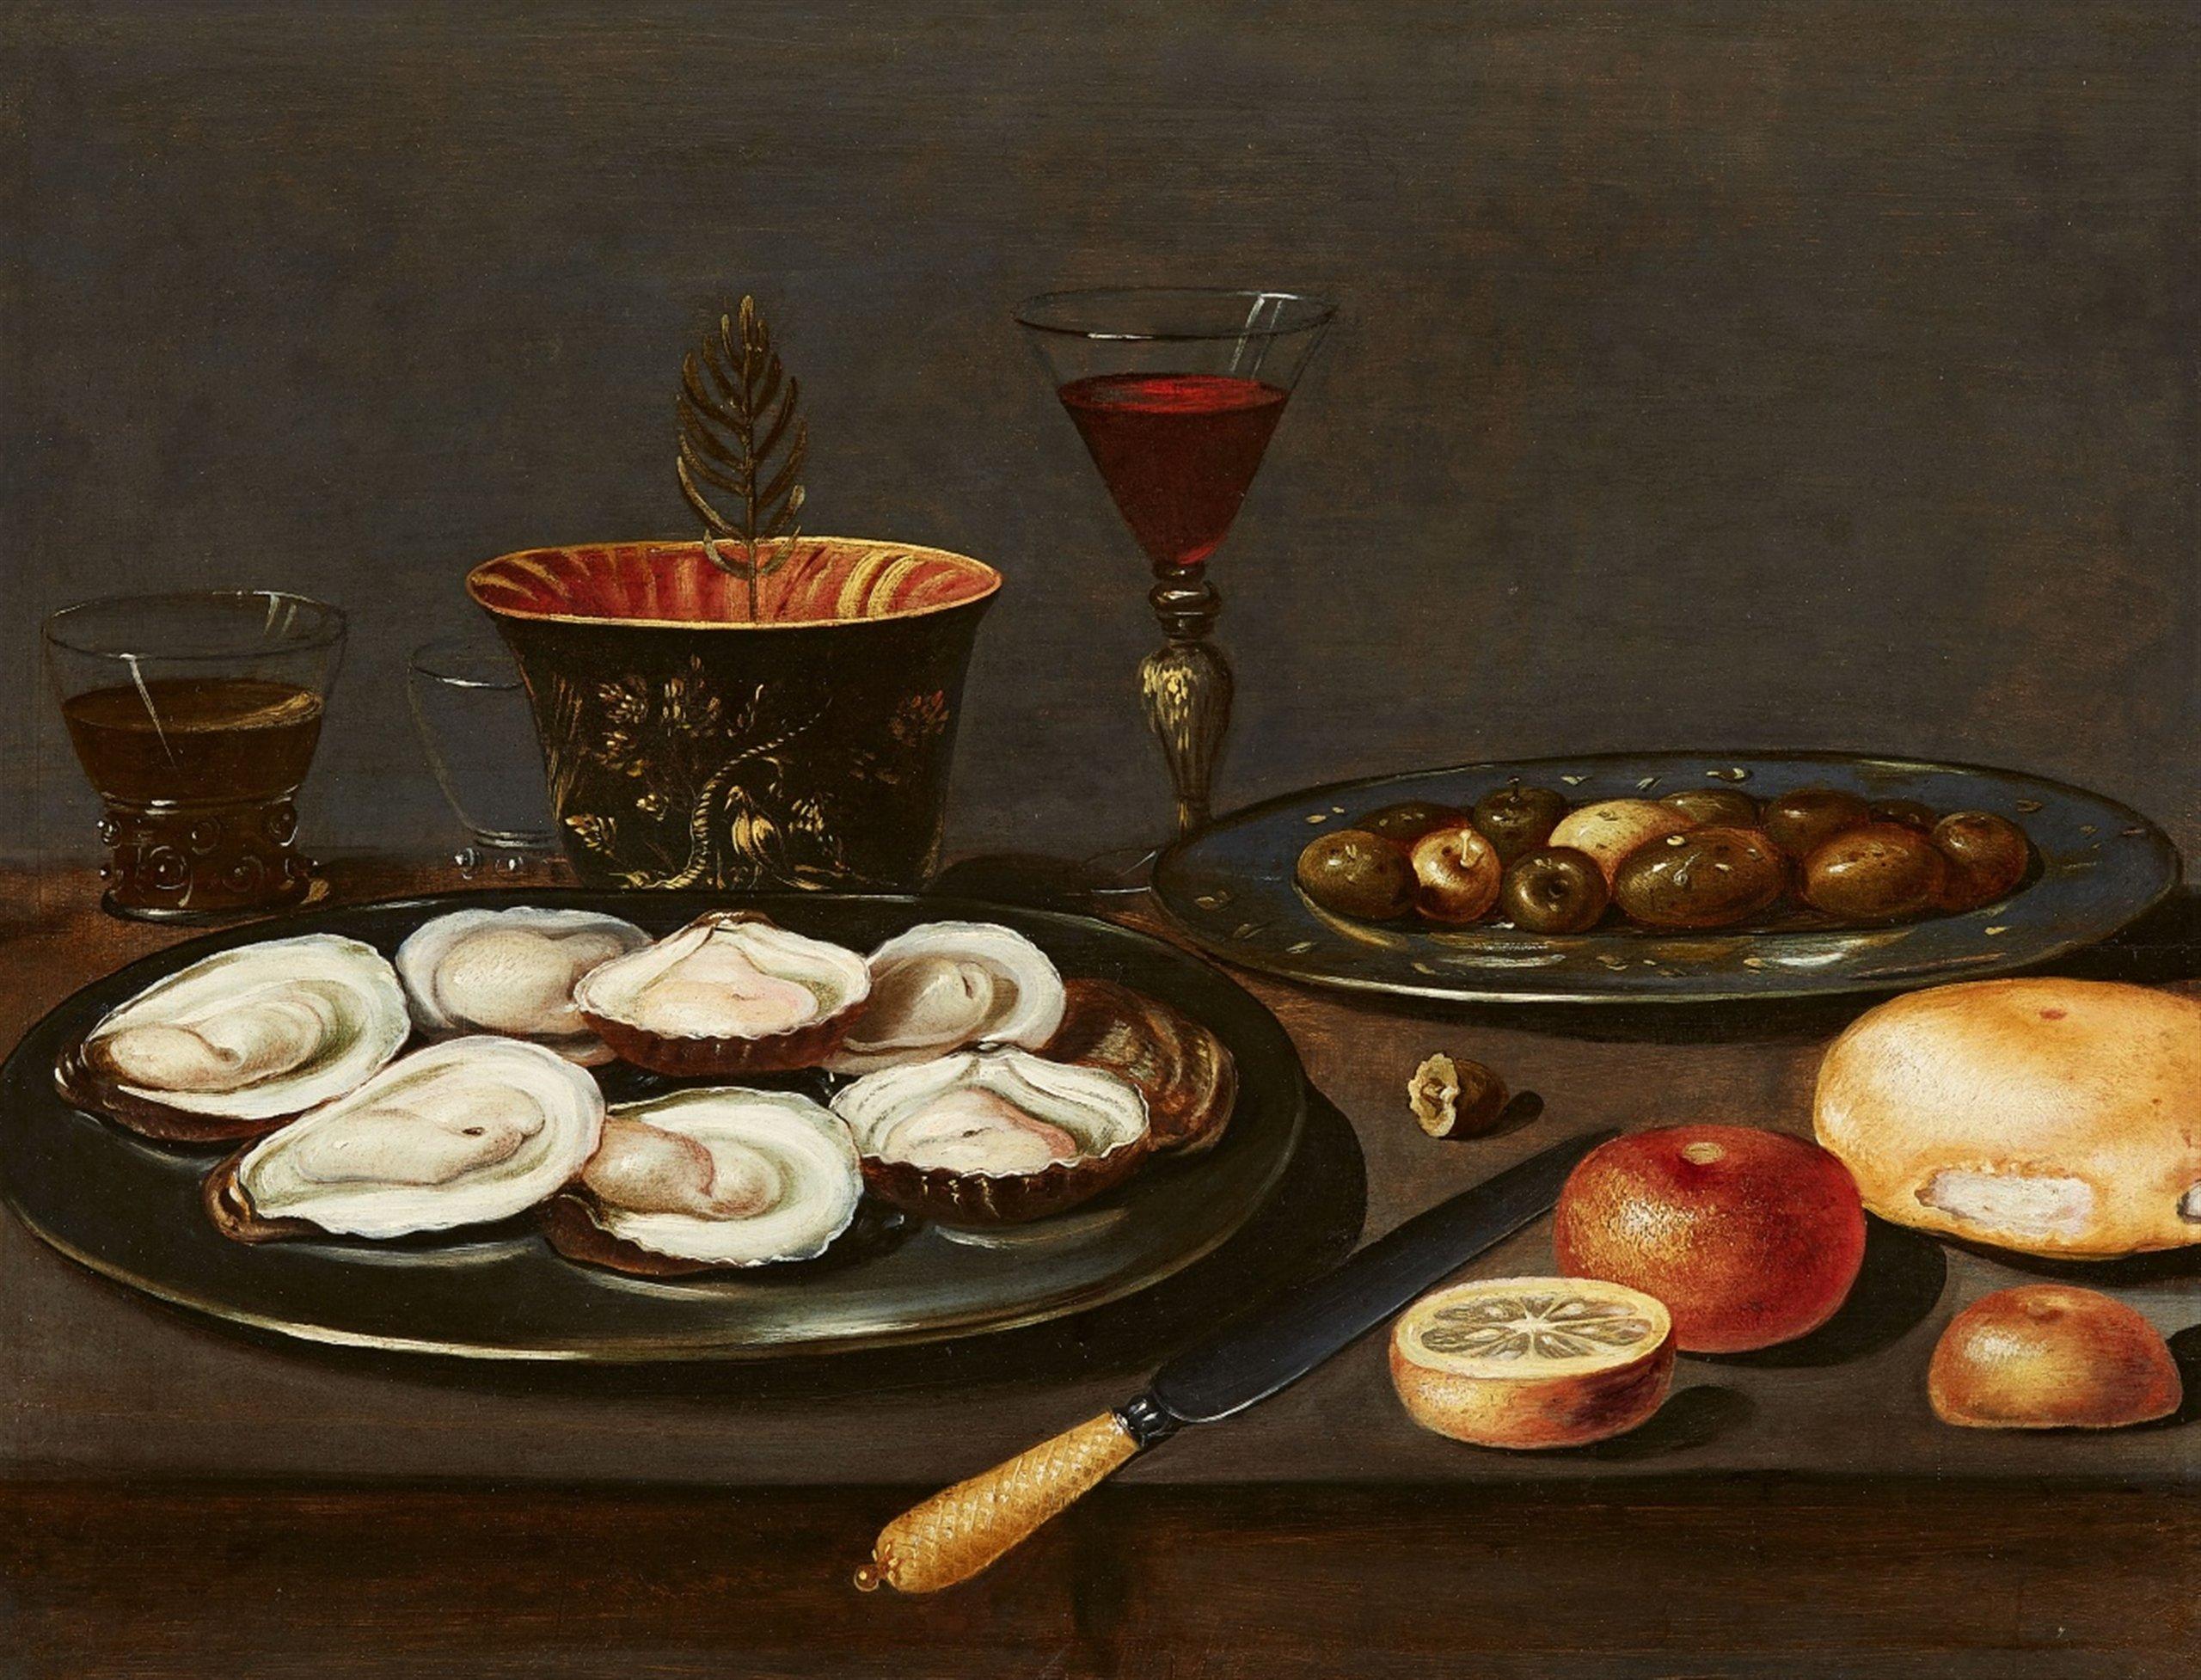 Jacob van Es (Anvers 1596 - 1666), Nature morte aux huîtres et aux olives - Lempertz. Estimation: 2500€ - 3500€